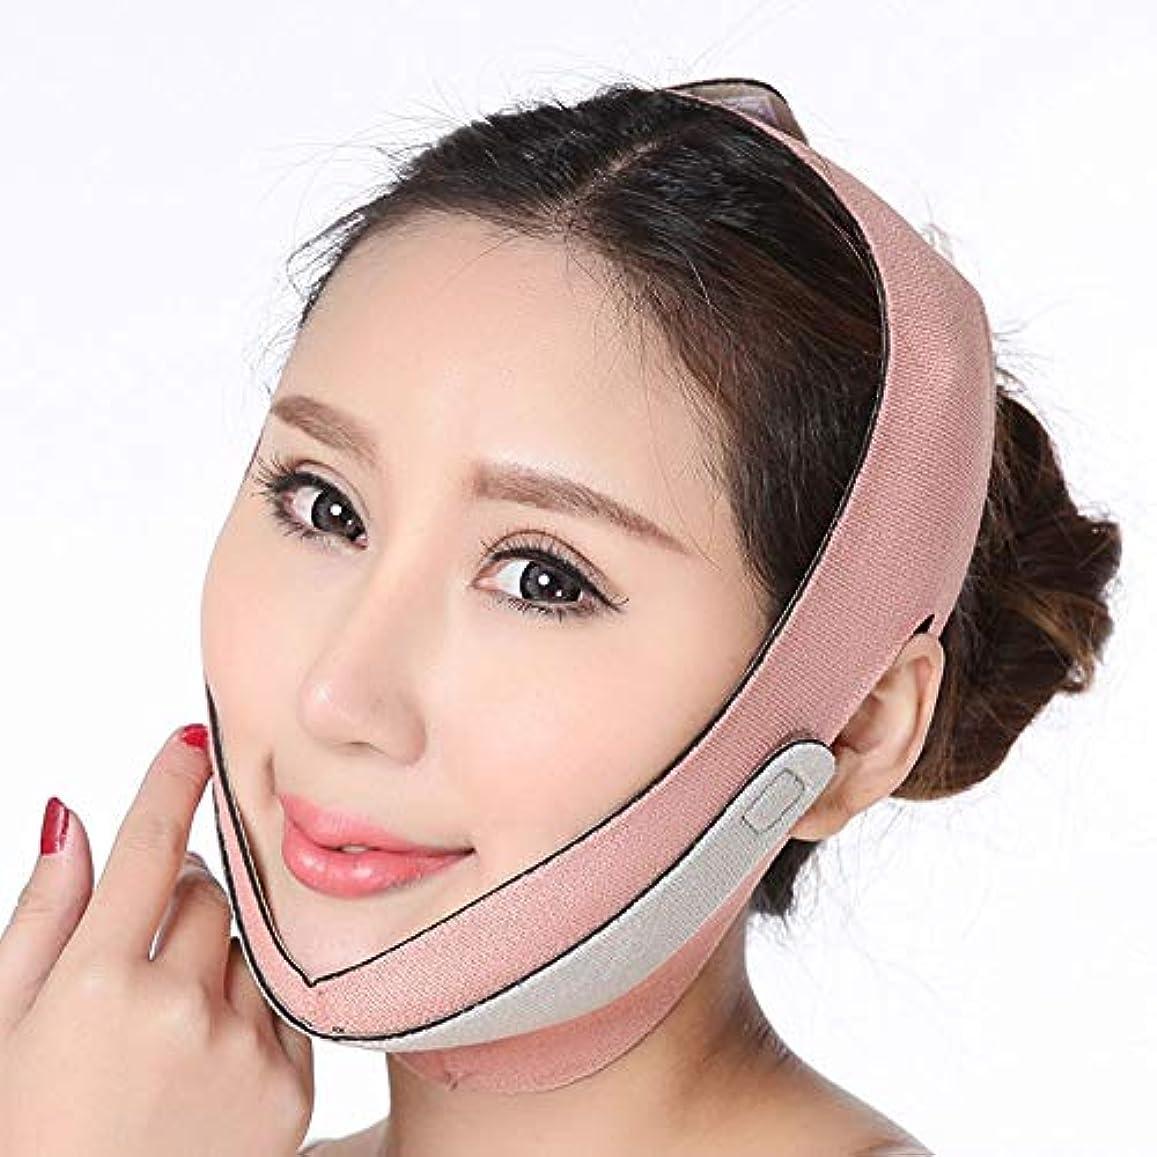 投票どんよりした土Jia Jia- シンフェイス包帯シンフェイスマスクフェイスリフトアーティファクトレイズVフェイスシンフェイスフェイスリフティング美容マスク小フェイス包帯 顔面包帯 (色 : A)